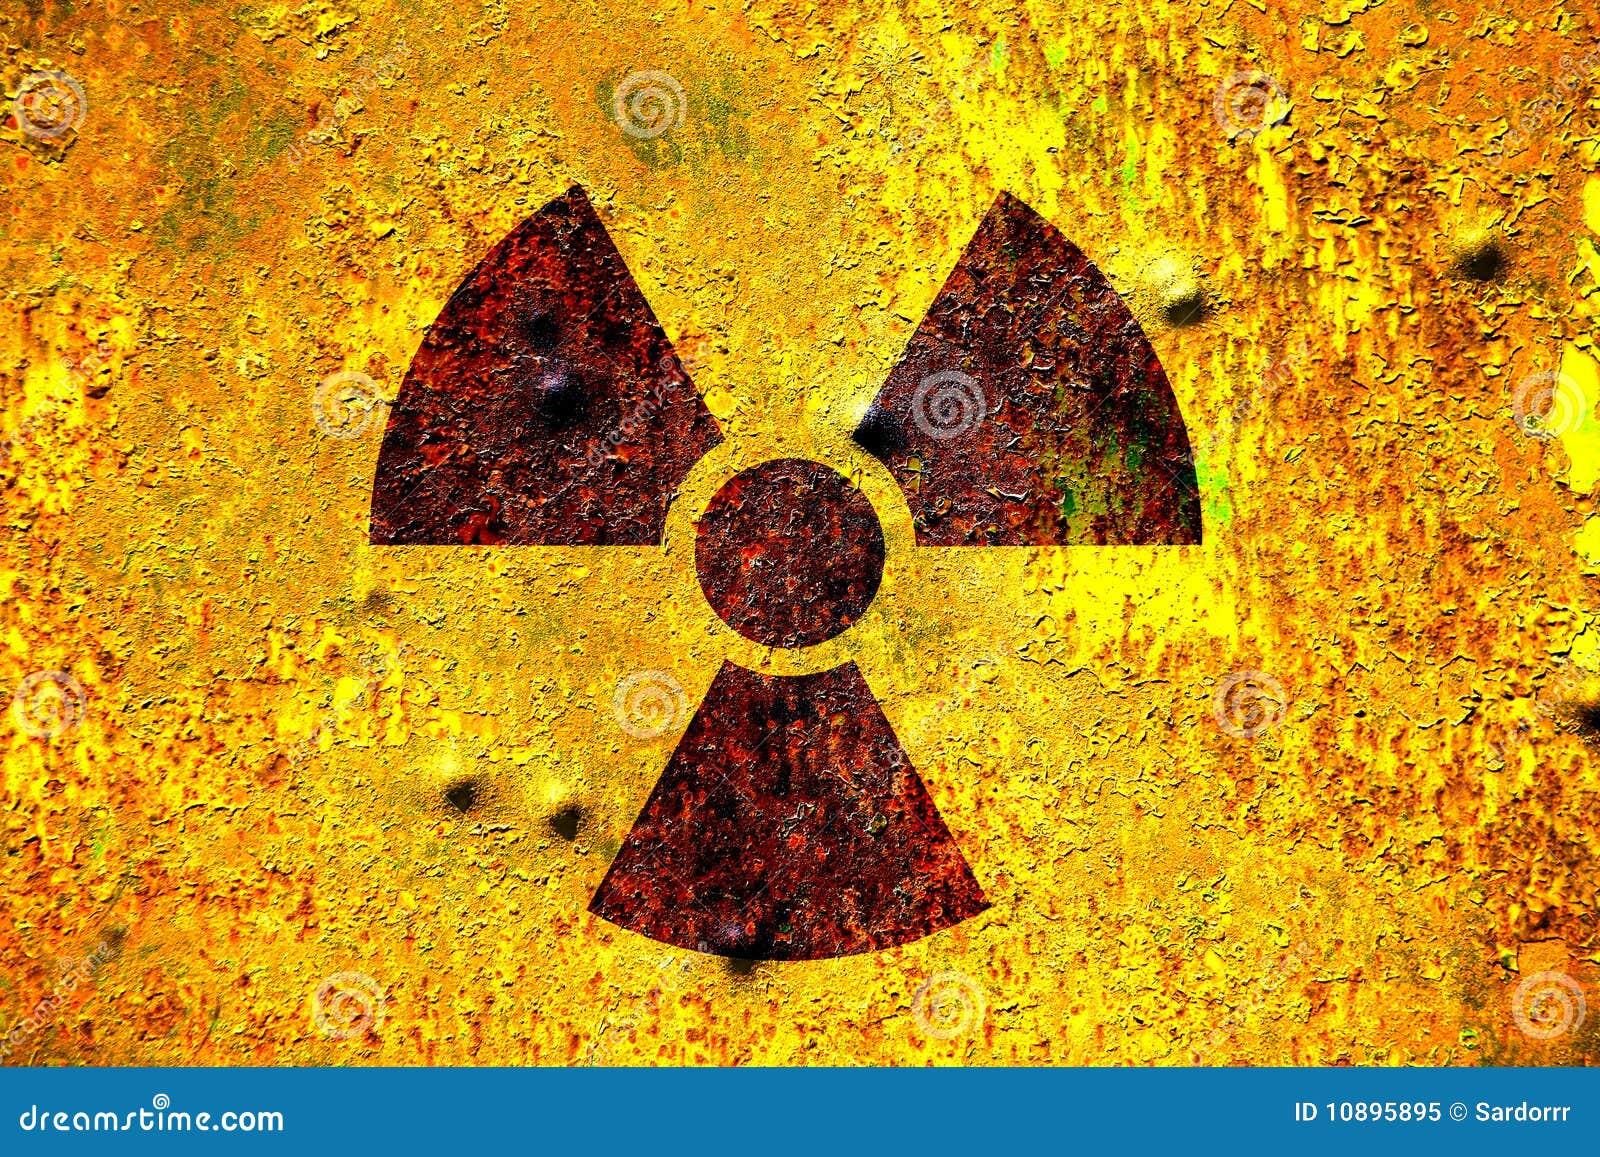 Kernstrahlung